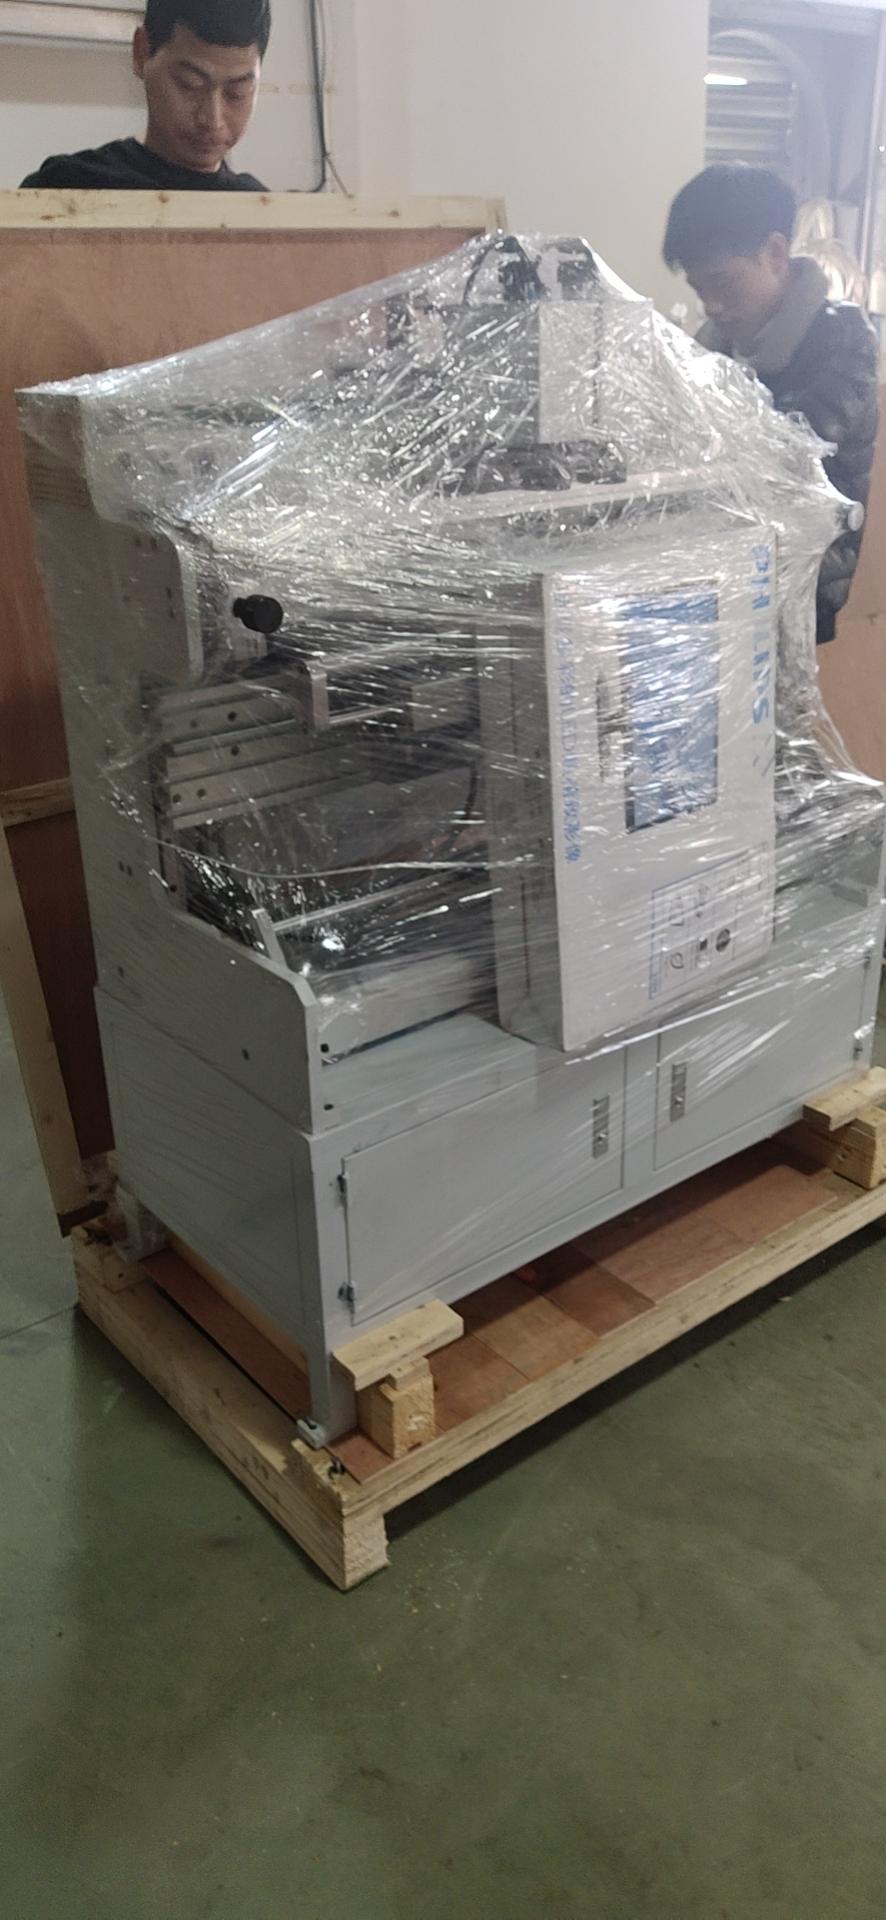 Система наклейки флексографских форм на формные цилиндры и гильзы SM-450 - подробные фотографии и видео работы - монтажный стол для флексографских форм – стол для монтажа флексографских форм. Фотография 9.